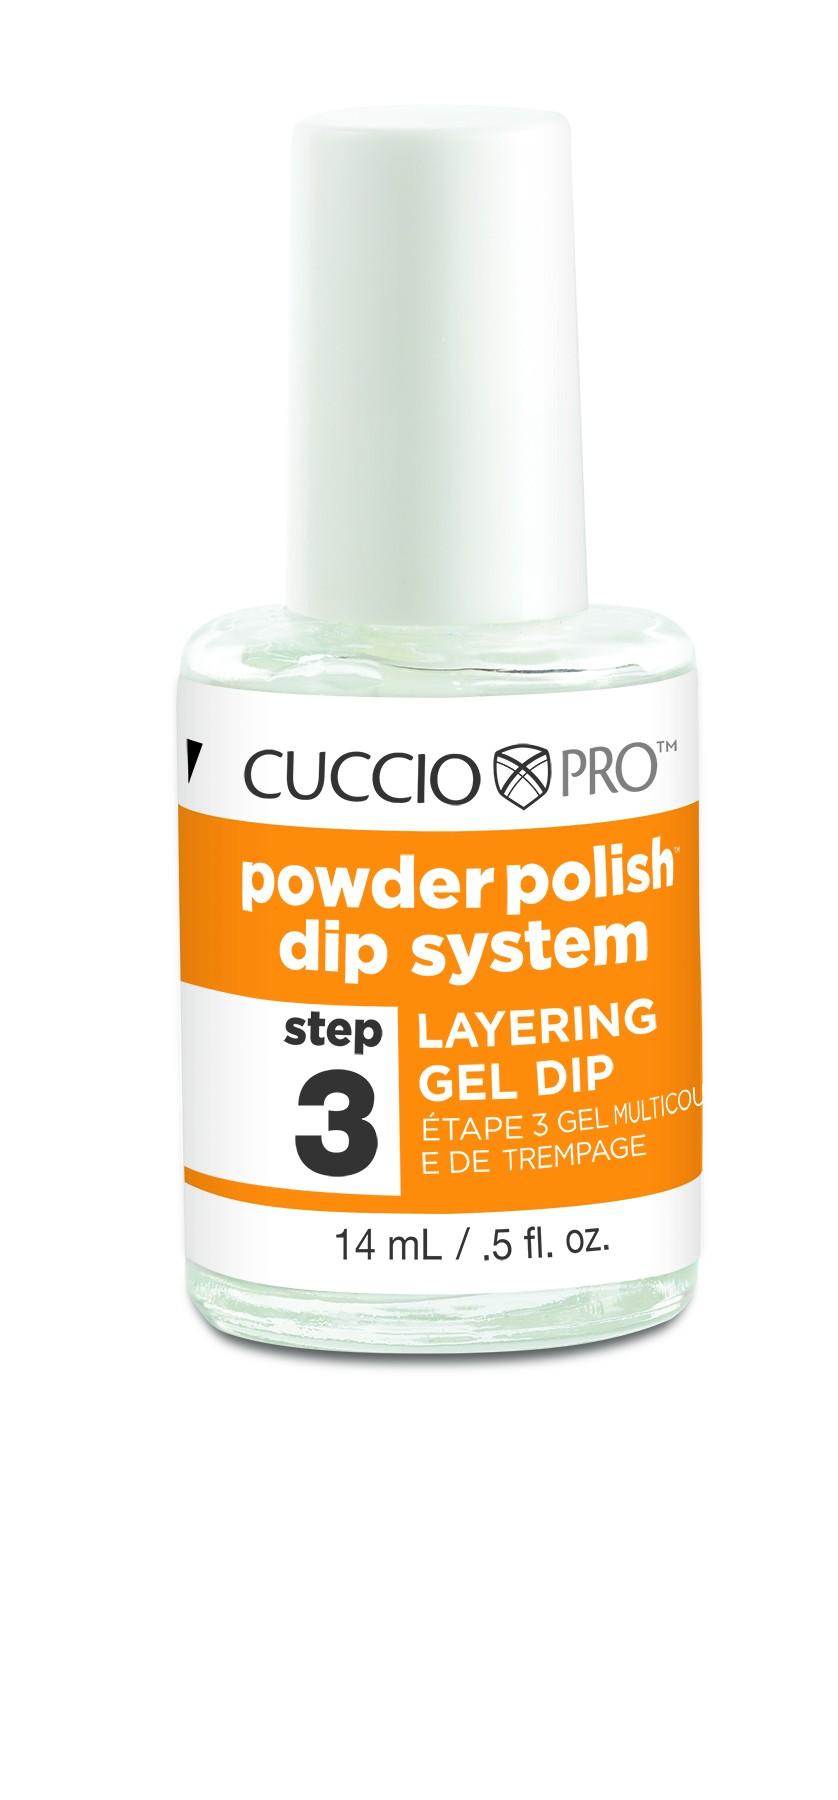 Powdered Gel Nails Design Vj Nails In Calgary Alberta: Cuccio Powder Polish Dip System Layering Gel 14ml (Step 3